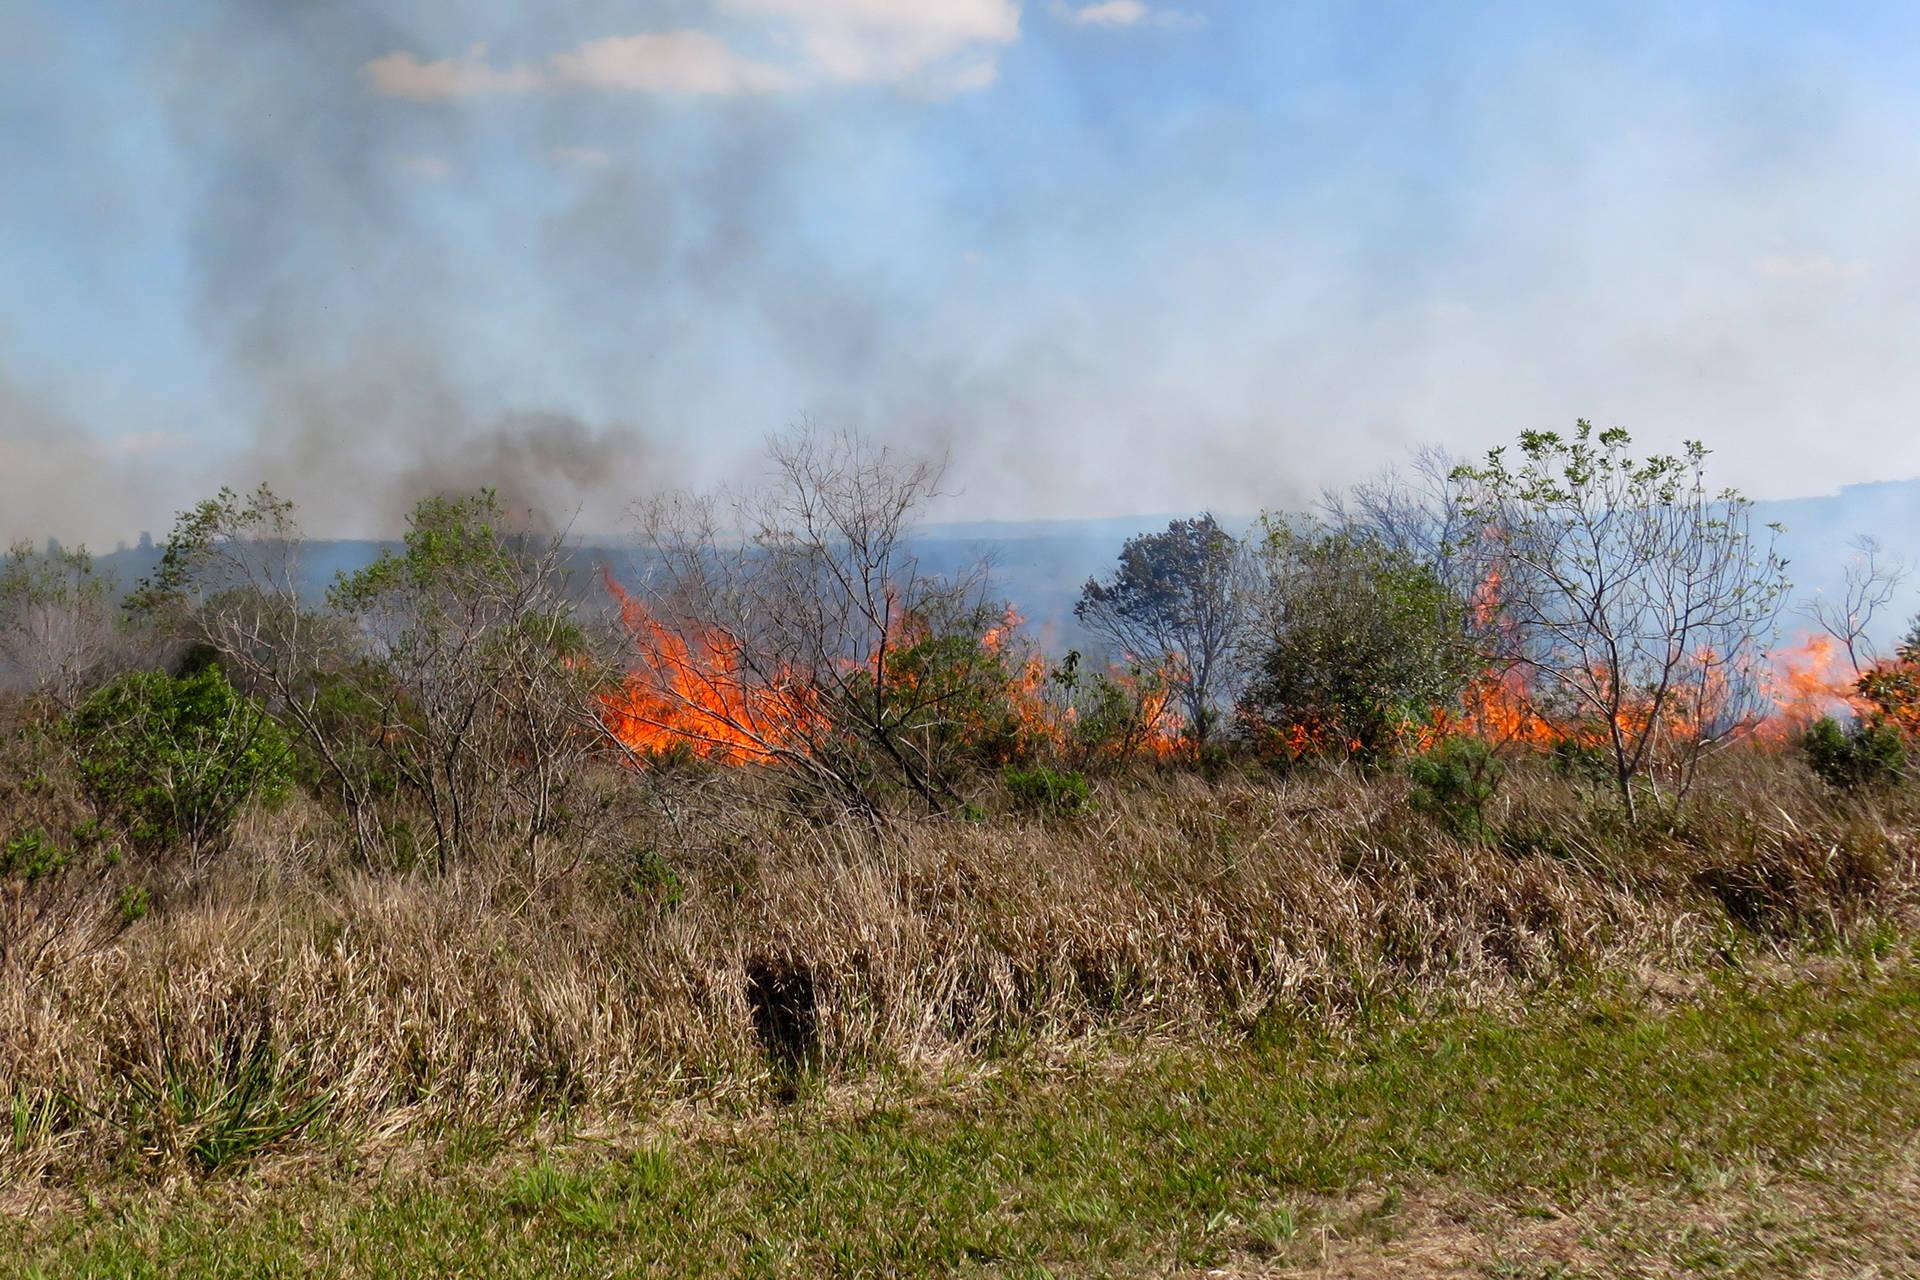 Parque Vila Velha vai realizar queima controlada contra espécies invasoras nesta semana